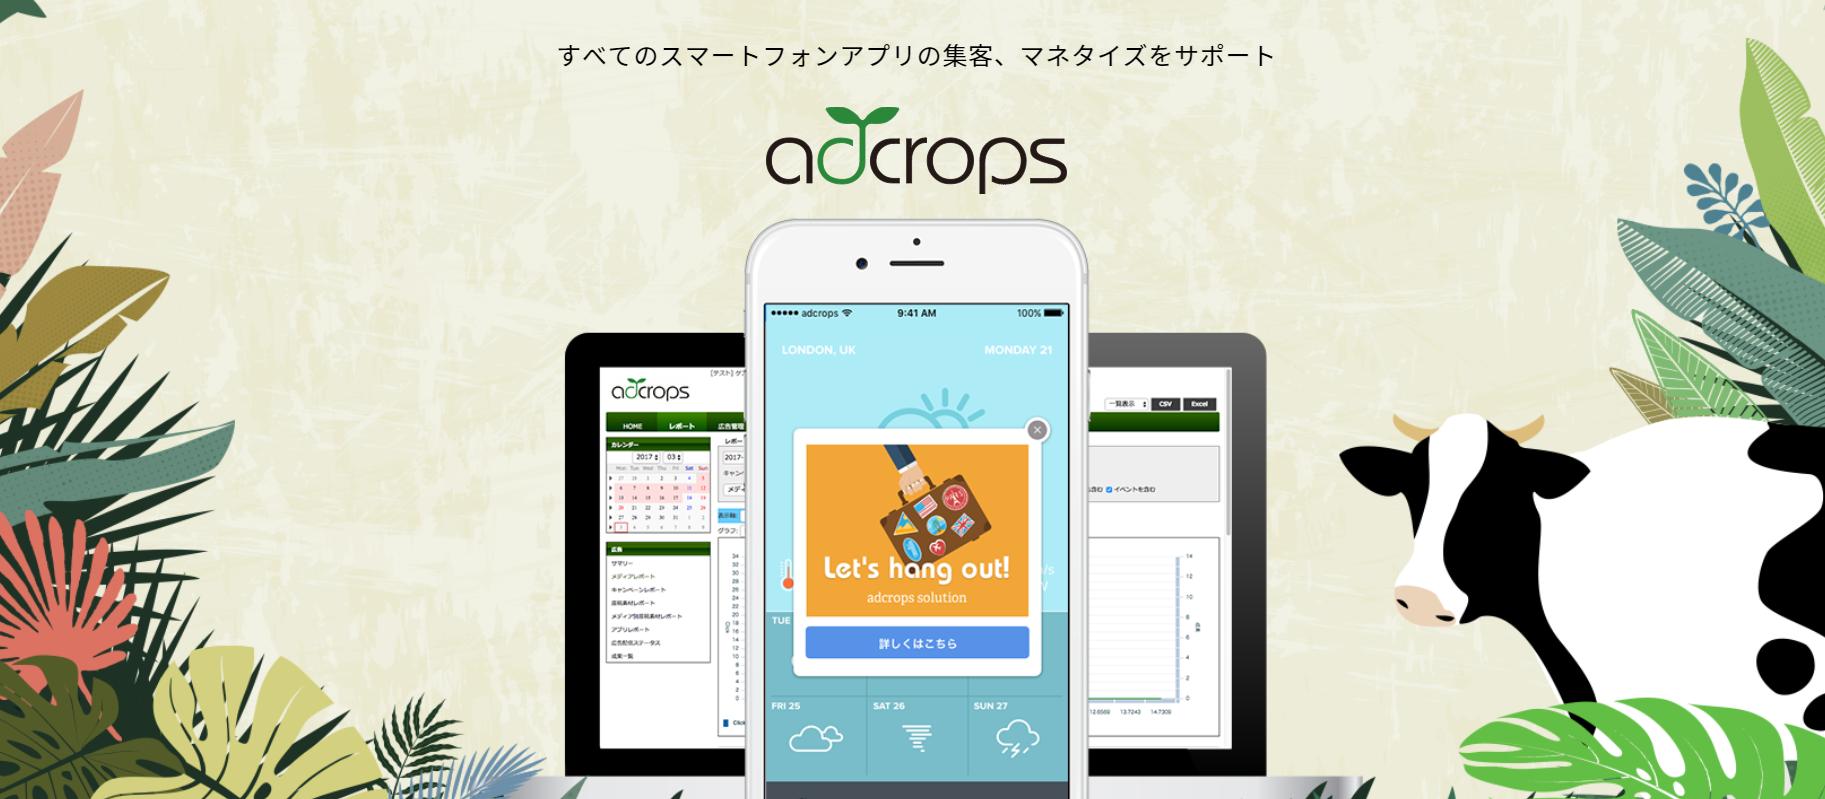 adcrops無料会員登録の流れ